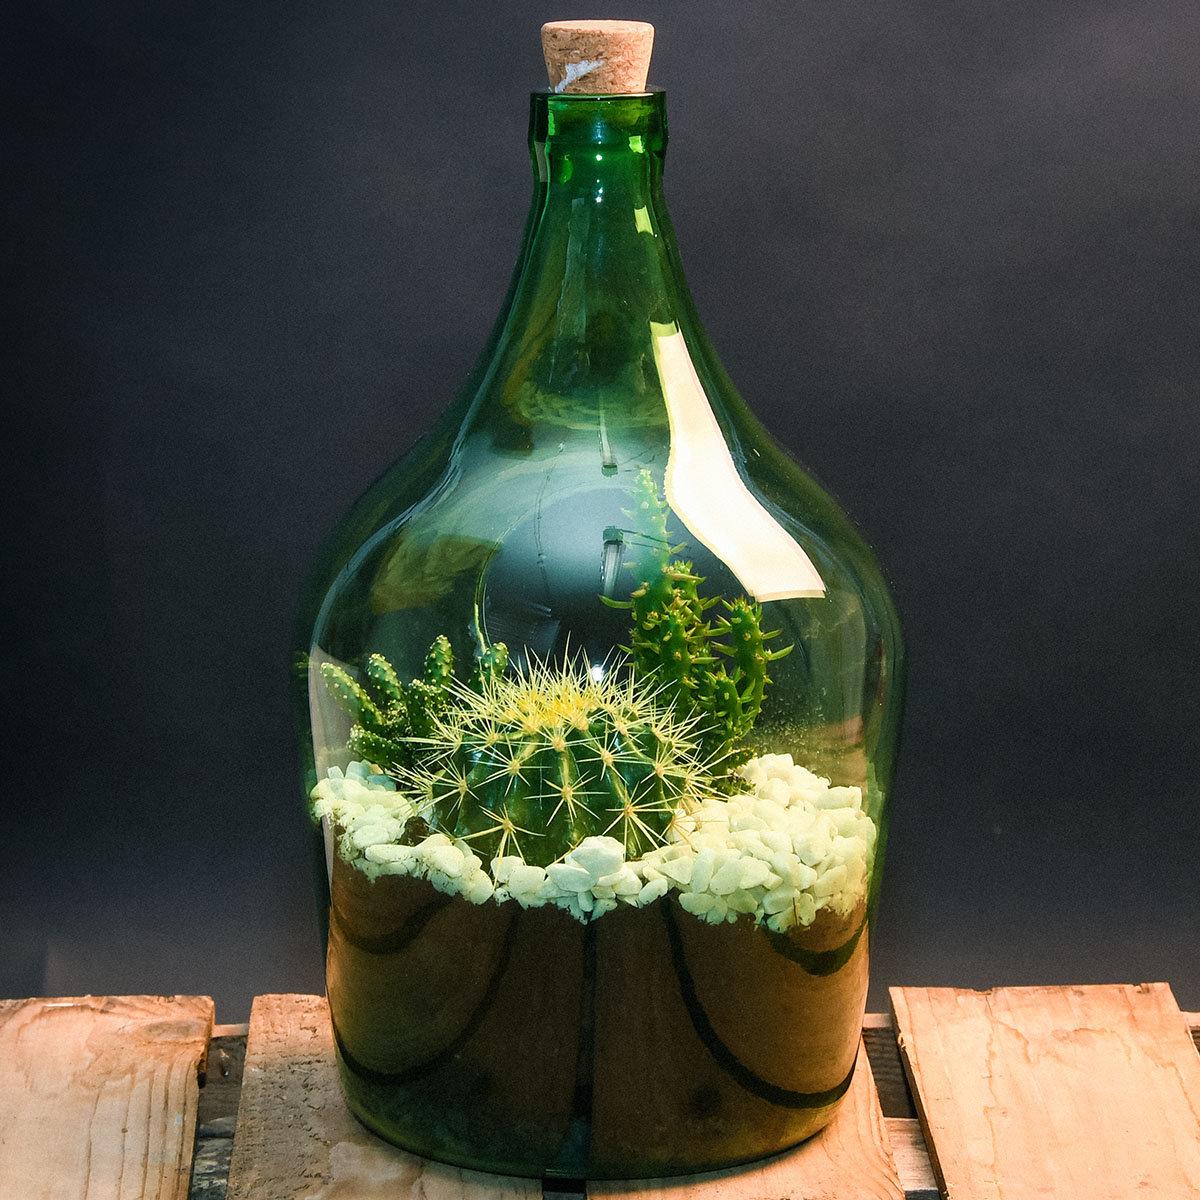 DIY Terrariumflasche mit Seitenöffnung, Komplettset, 3 Liter | #9